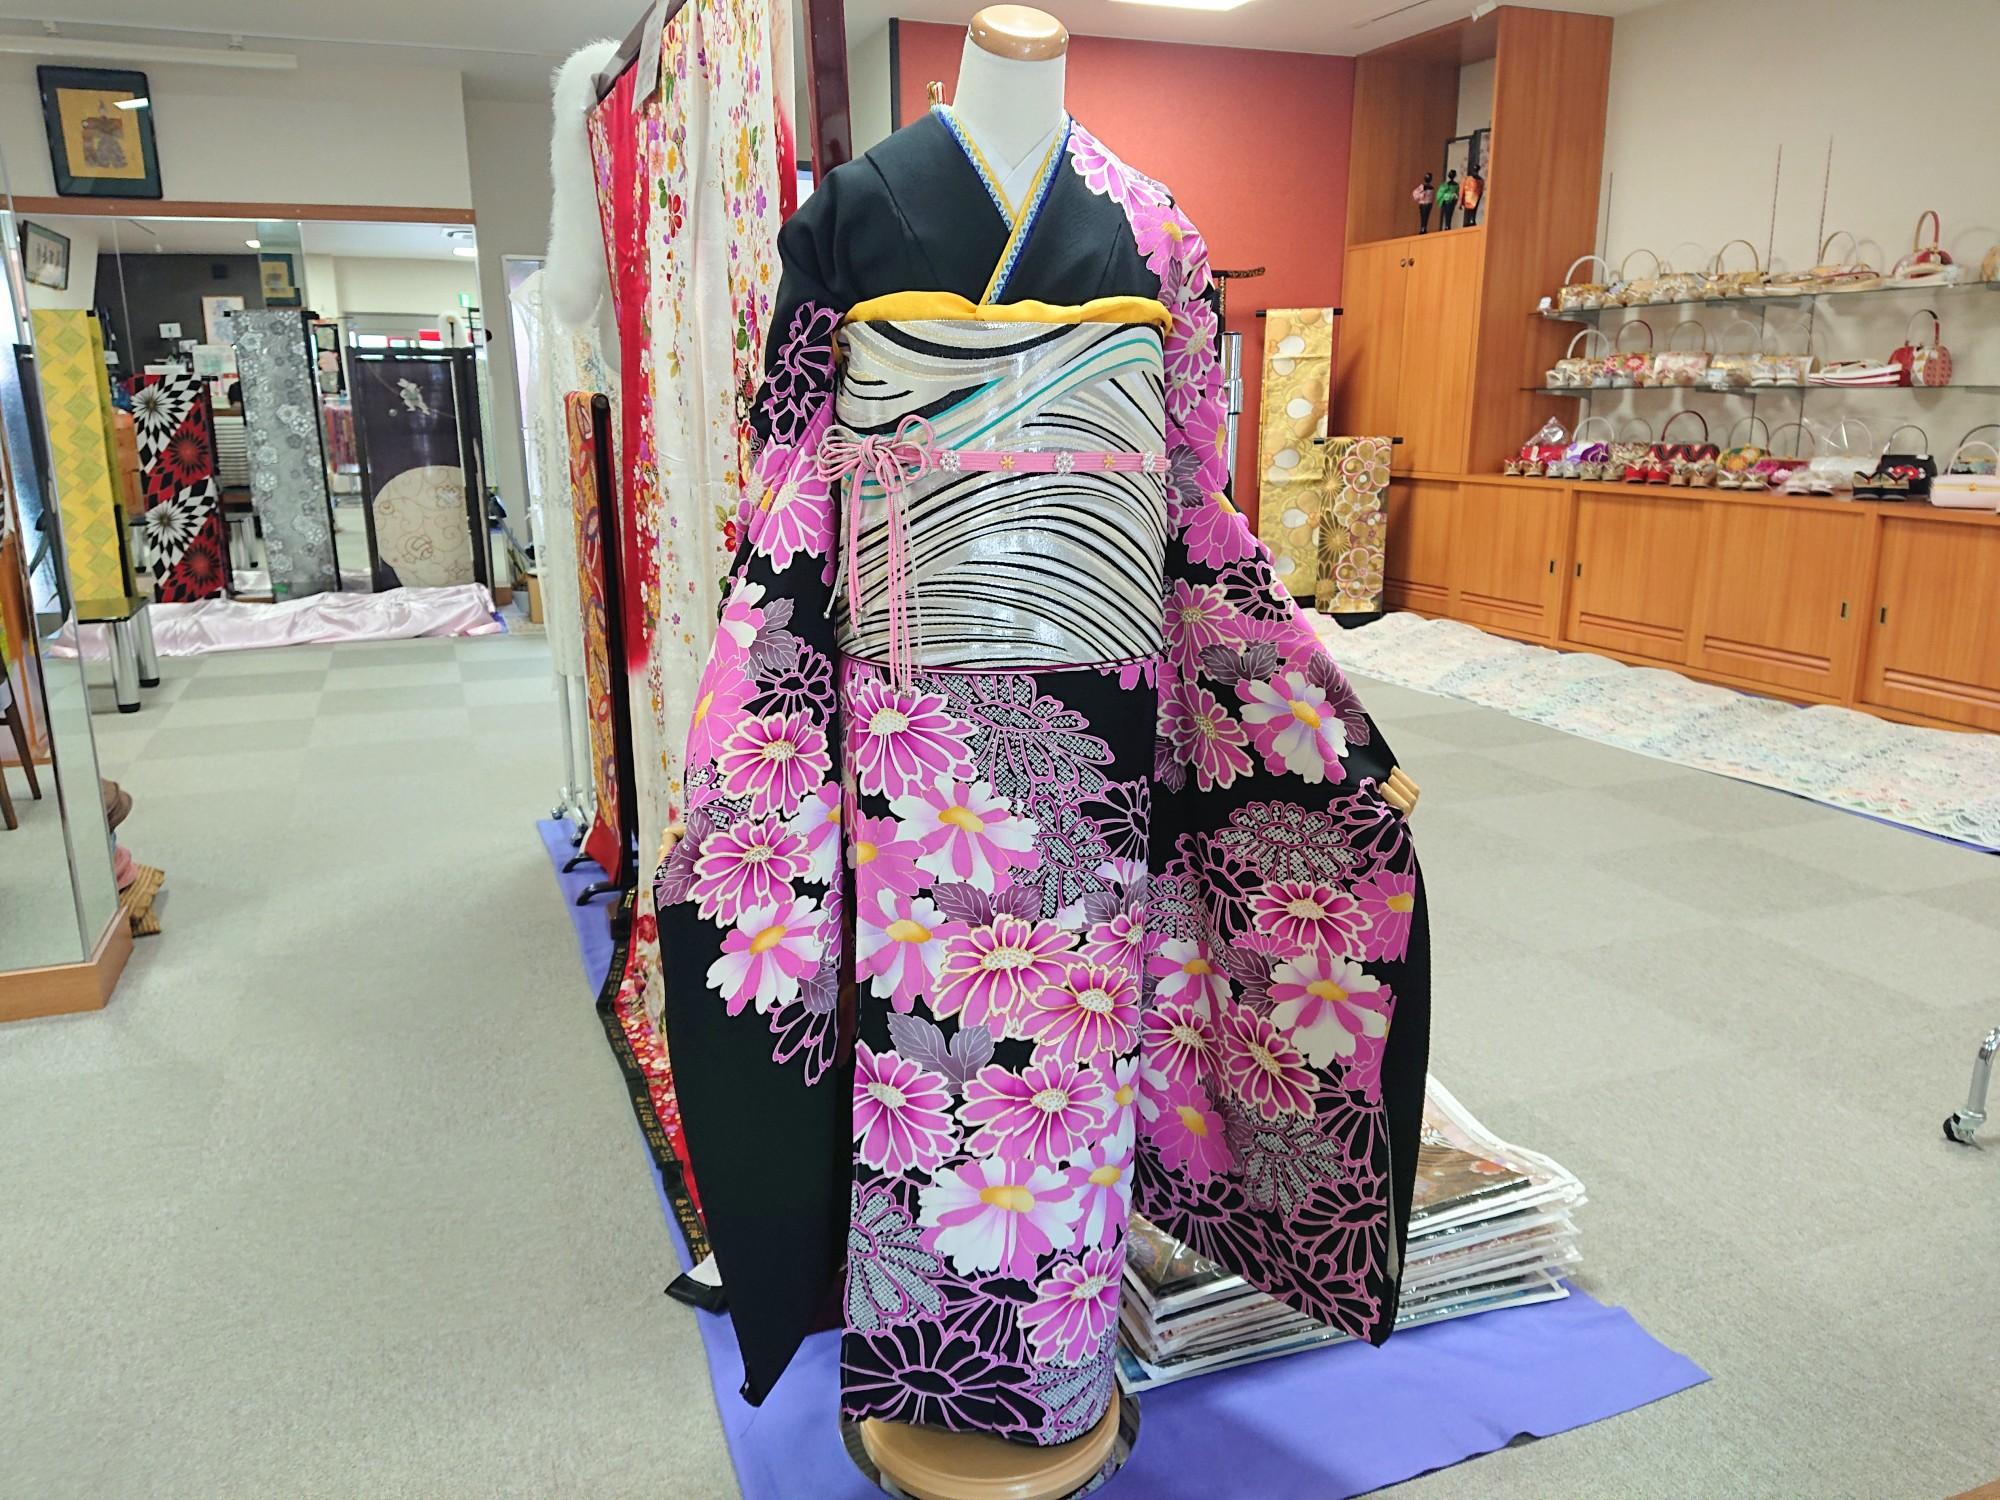 みはしおすすめ振袖をご紹介!~黒・茶・紫~ @群馬県沼田市の京呉服みはしです